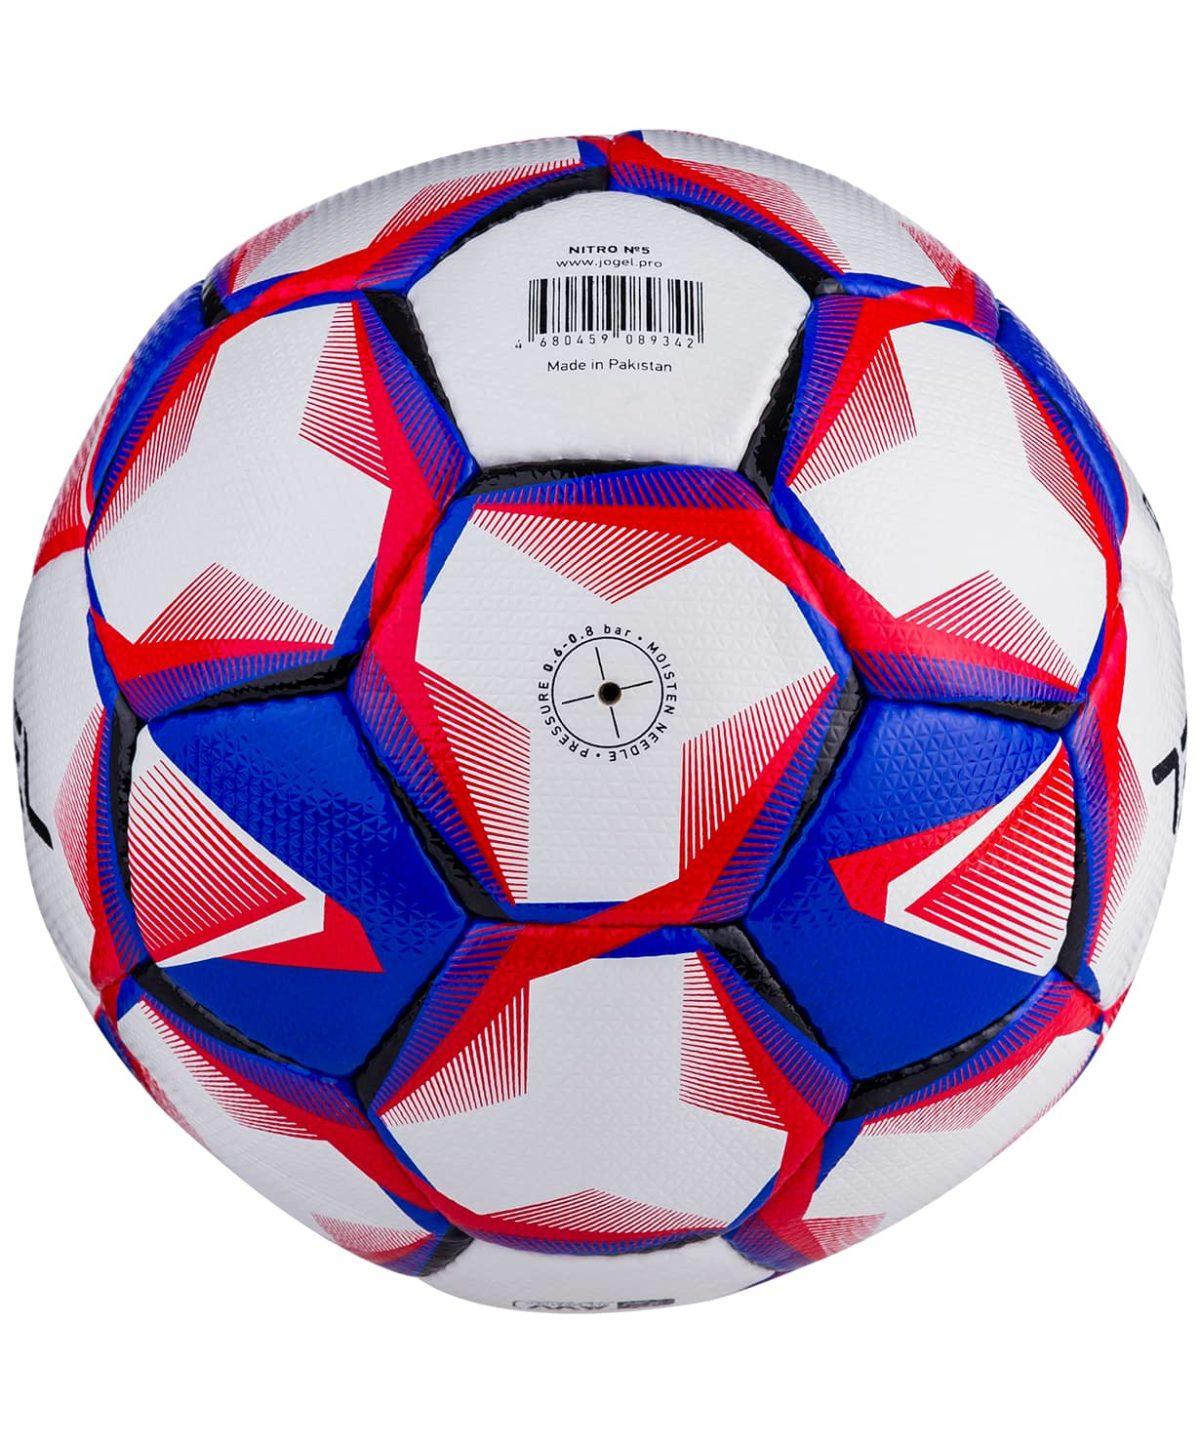 JOGEL Nitro  мяч футб.  Nitro (BC20) №5 - 2